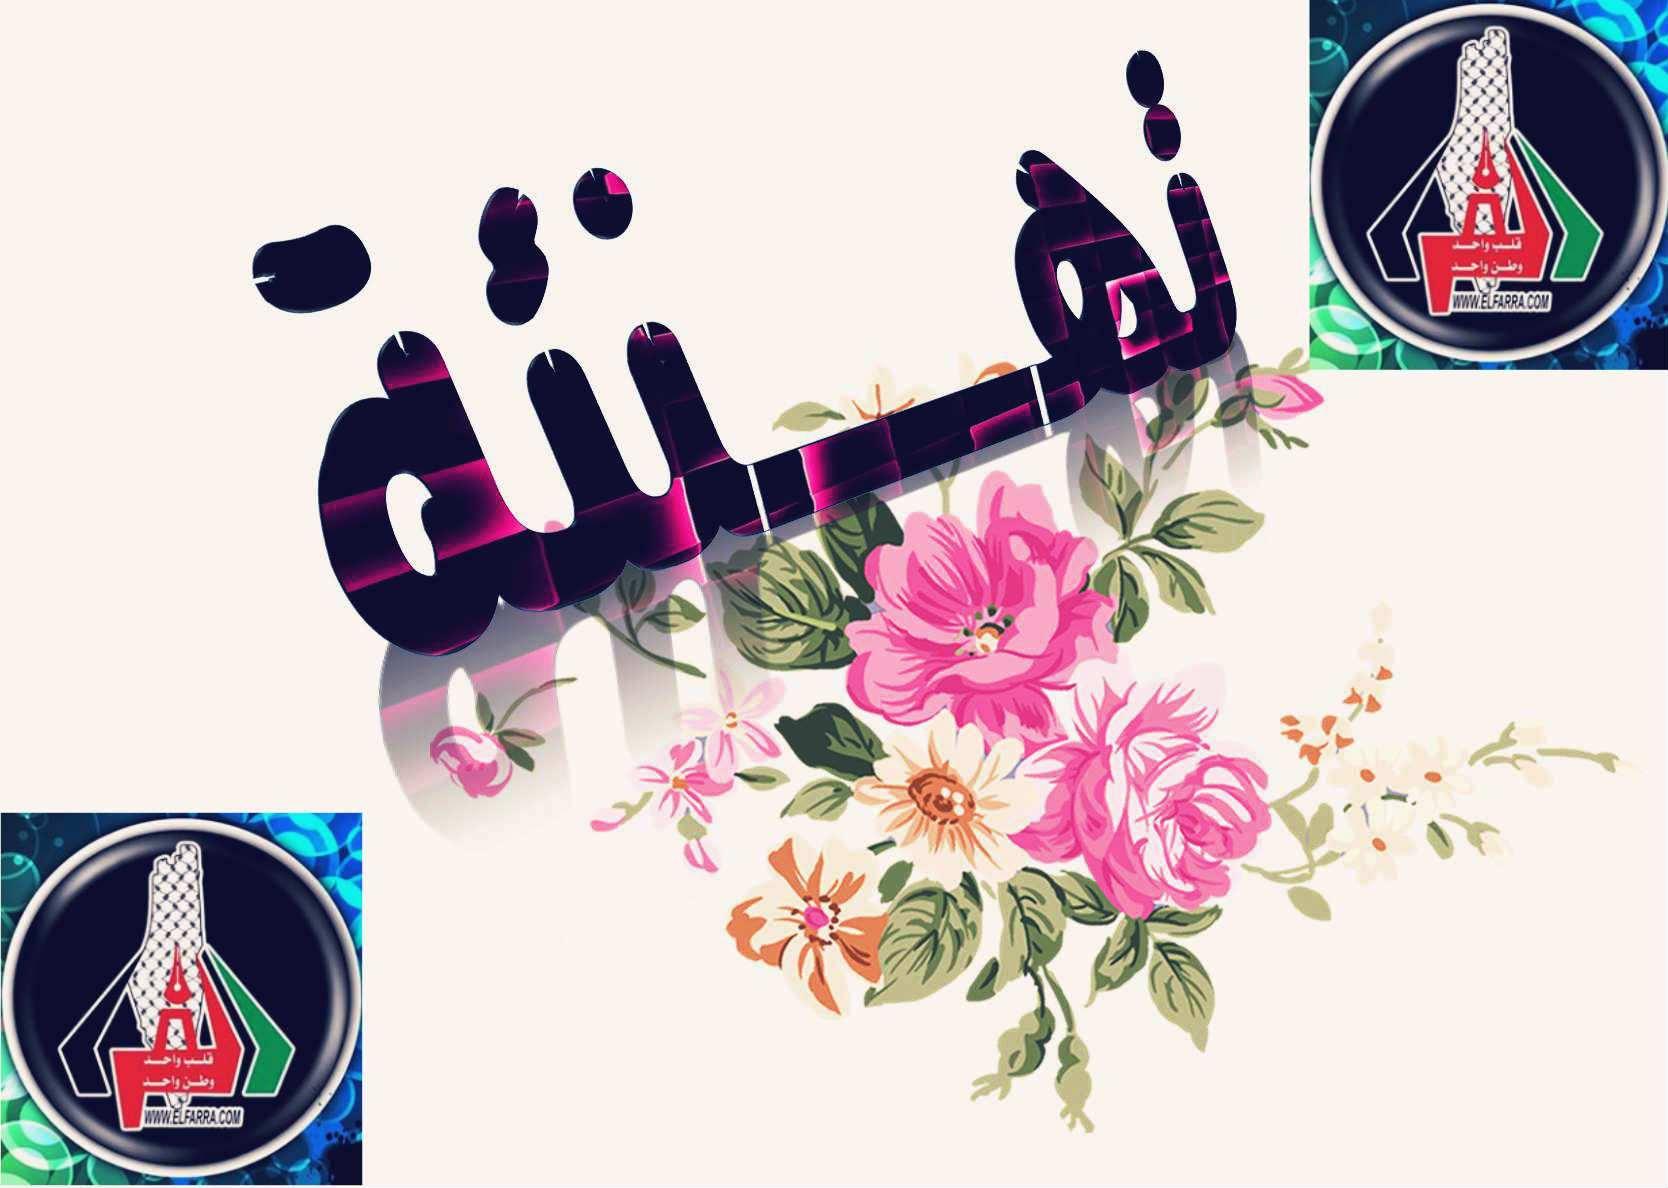 د. رنده نصرالله الفرا تحصل على درجة الدكتوراه في التربية الاسلامية